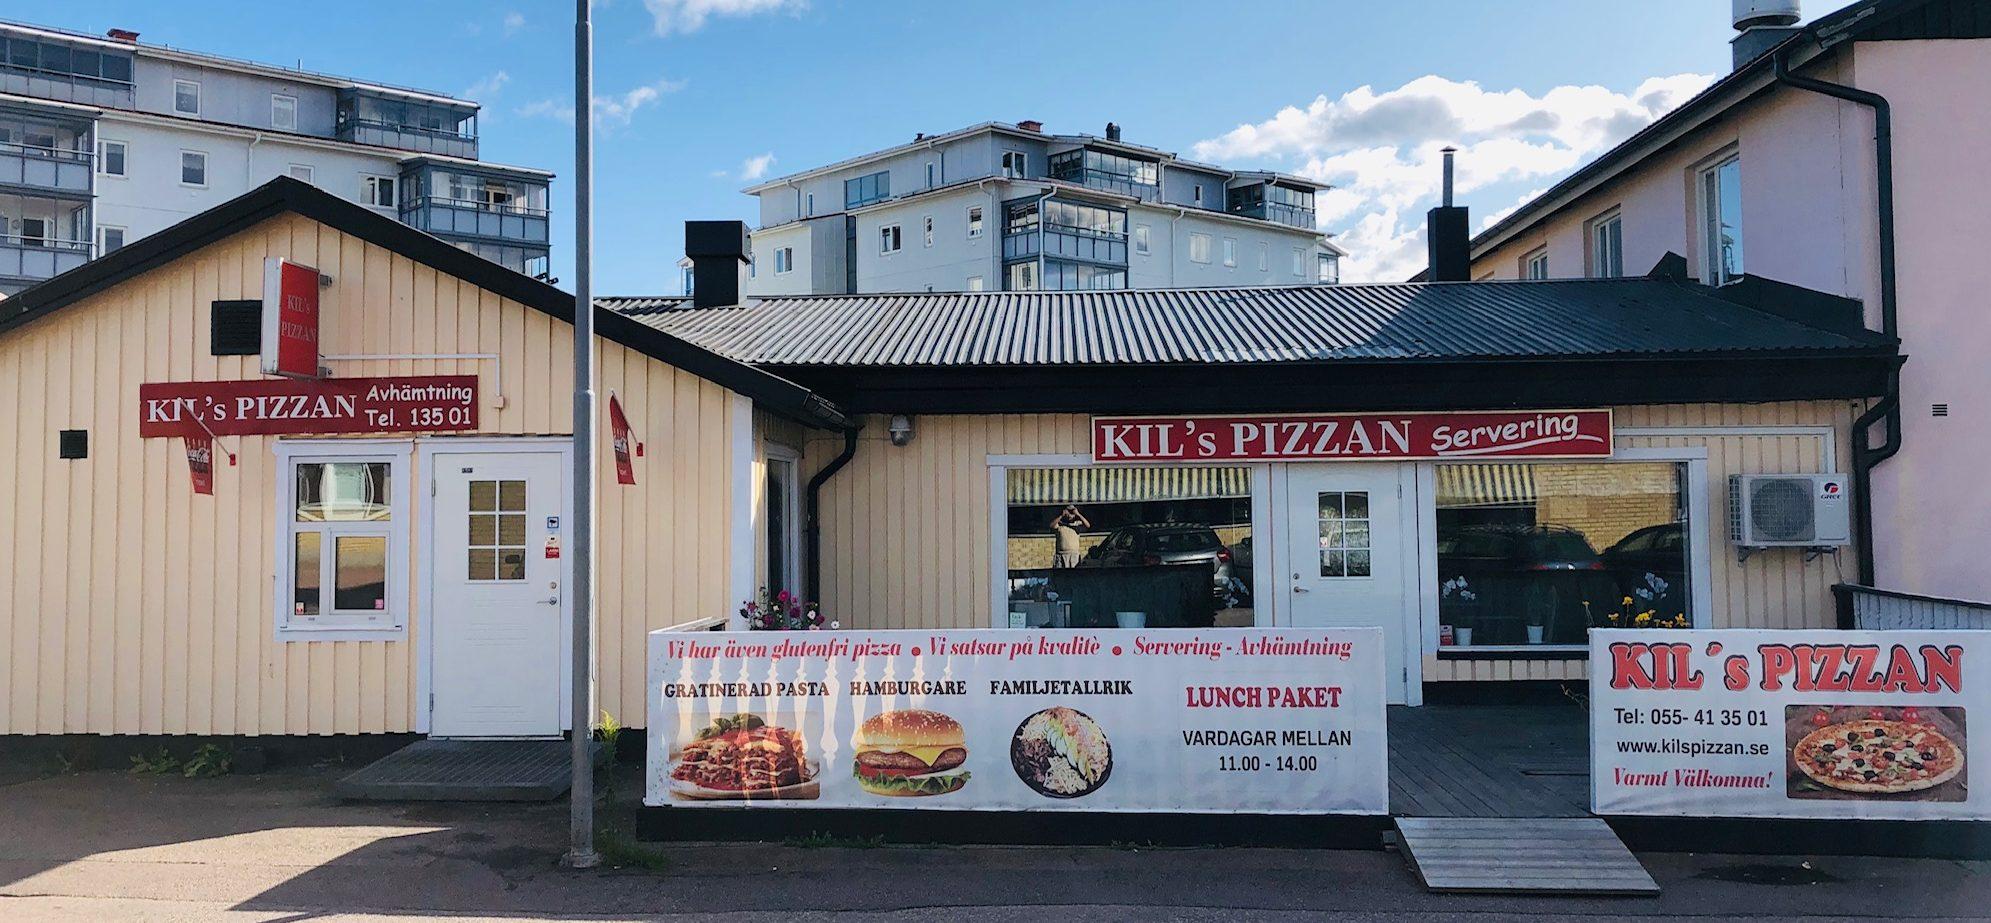 Kils Pizzan i Kil